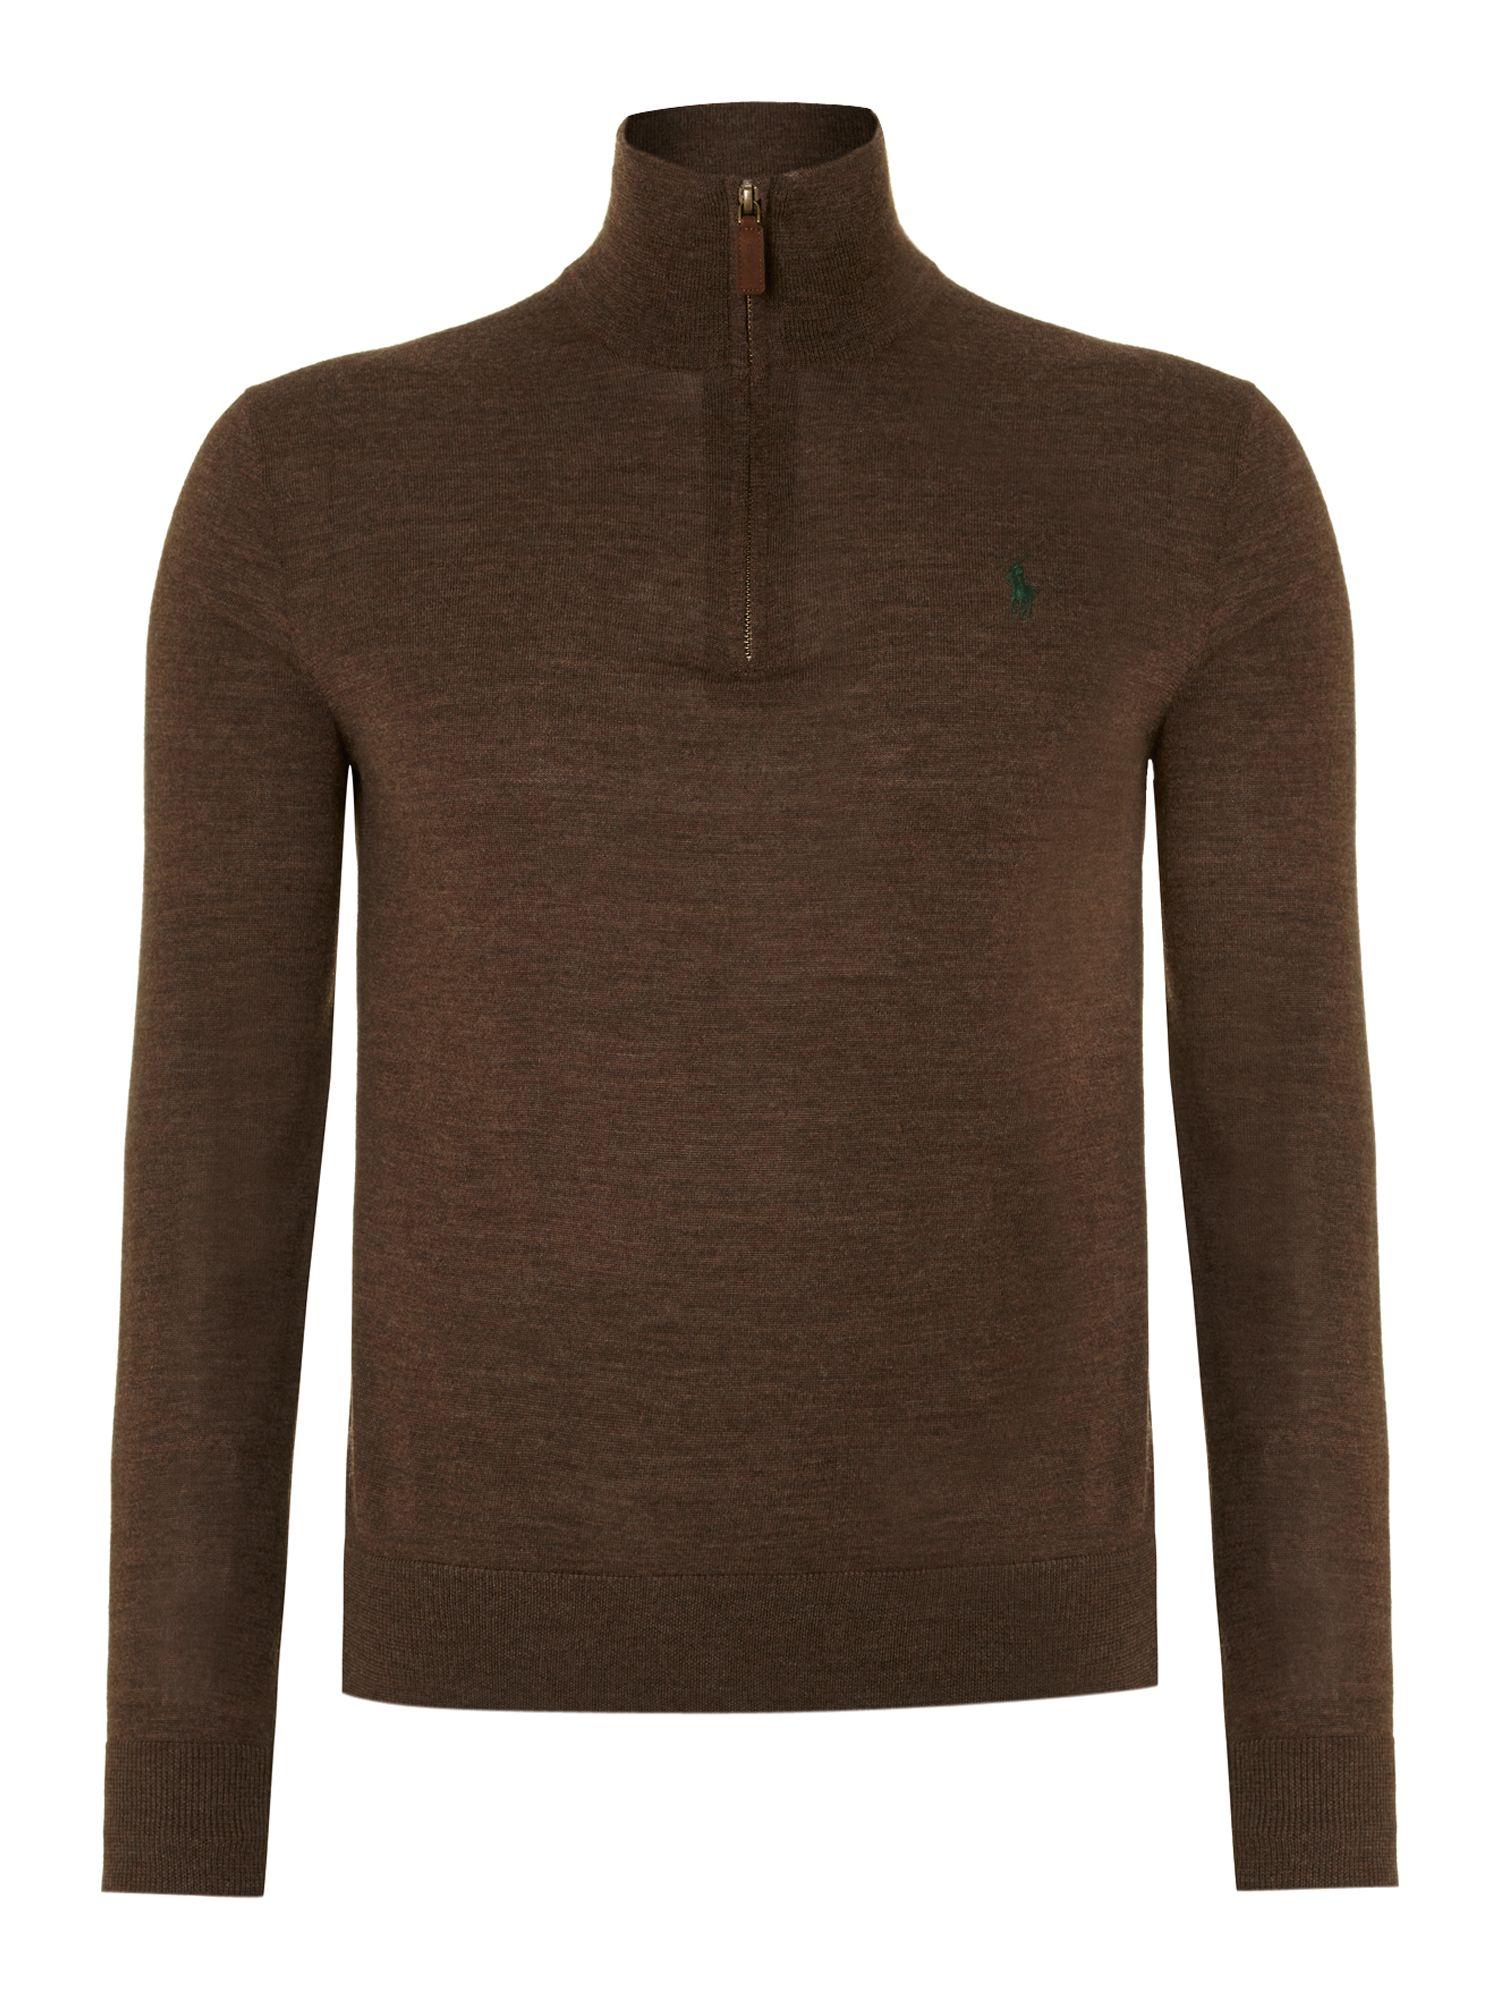 polo ralph lauren classic merino wool half zip jumper in brown for men. Black Bedroom Furniture Sets. Home Design Ideas